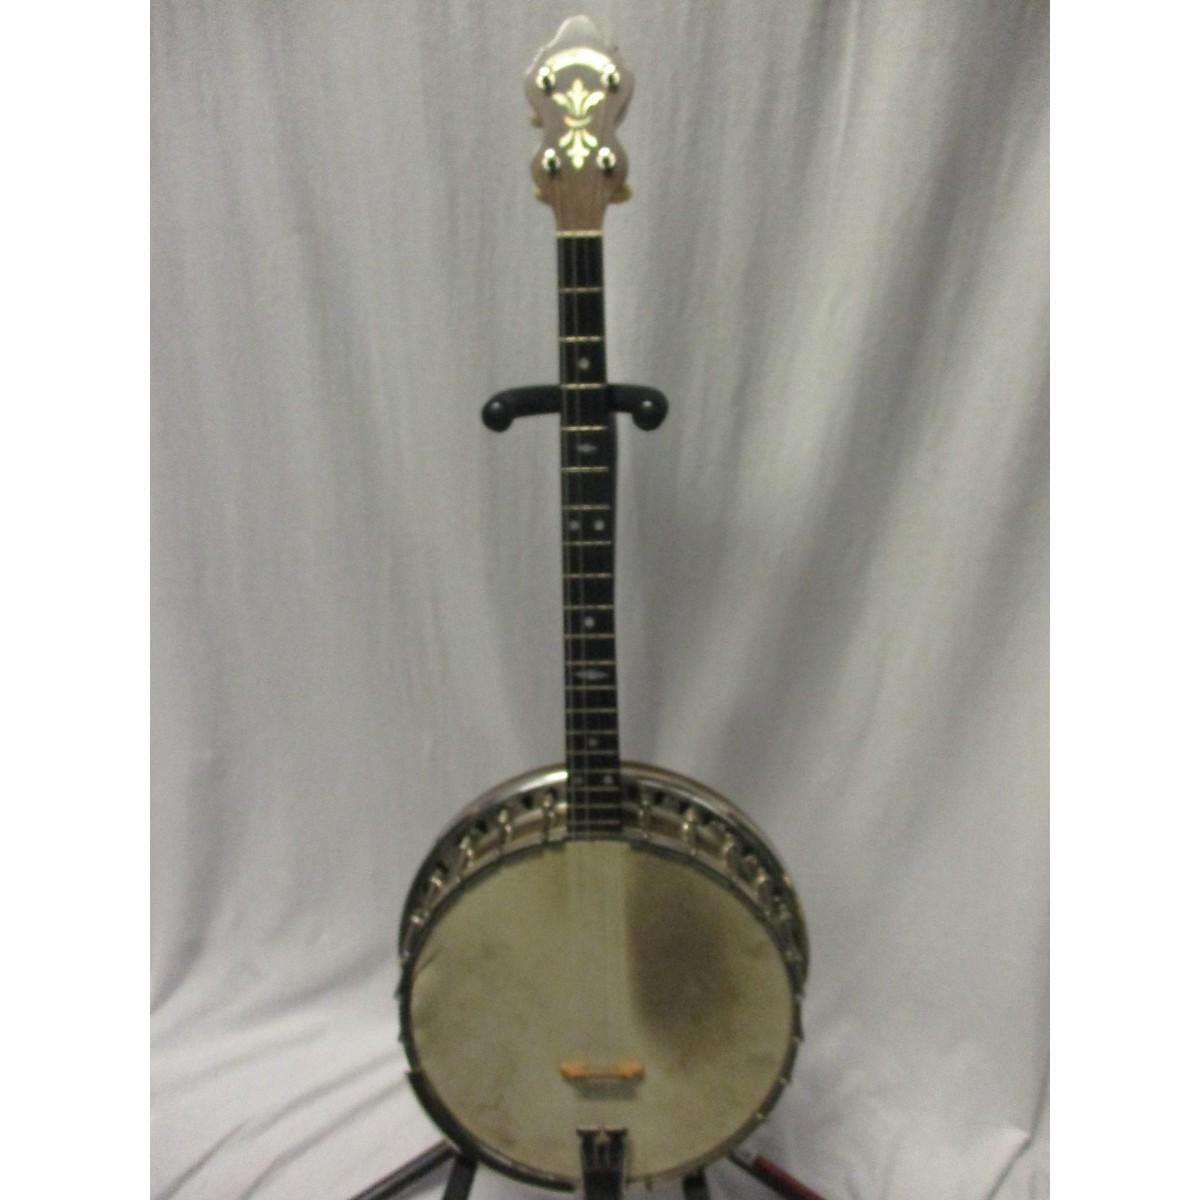 In Store Vintage Vintage 1930s B&D SPECIAL BANJO Natural Banjo